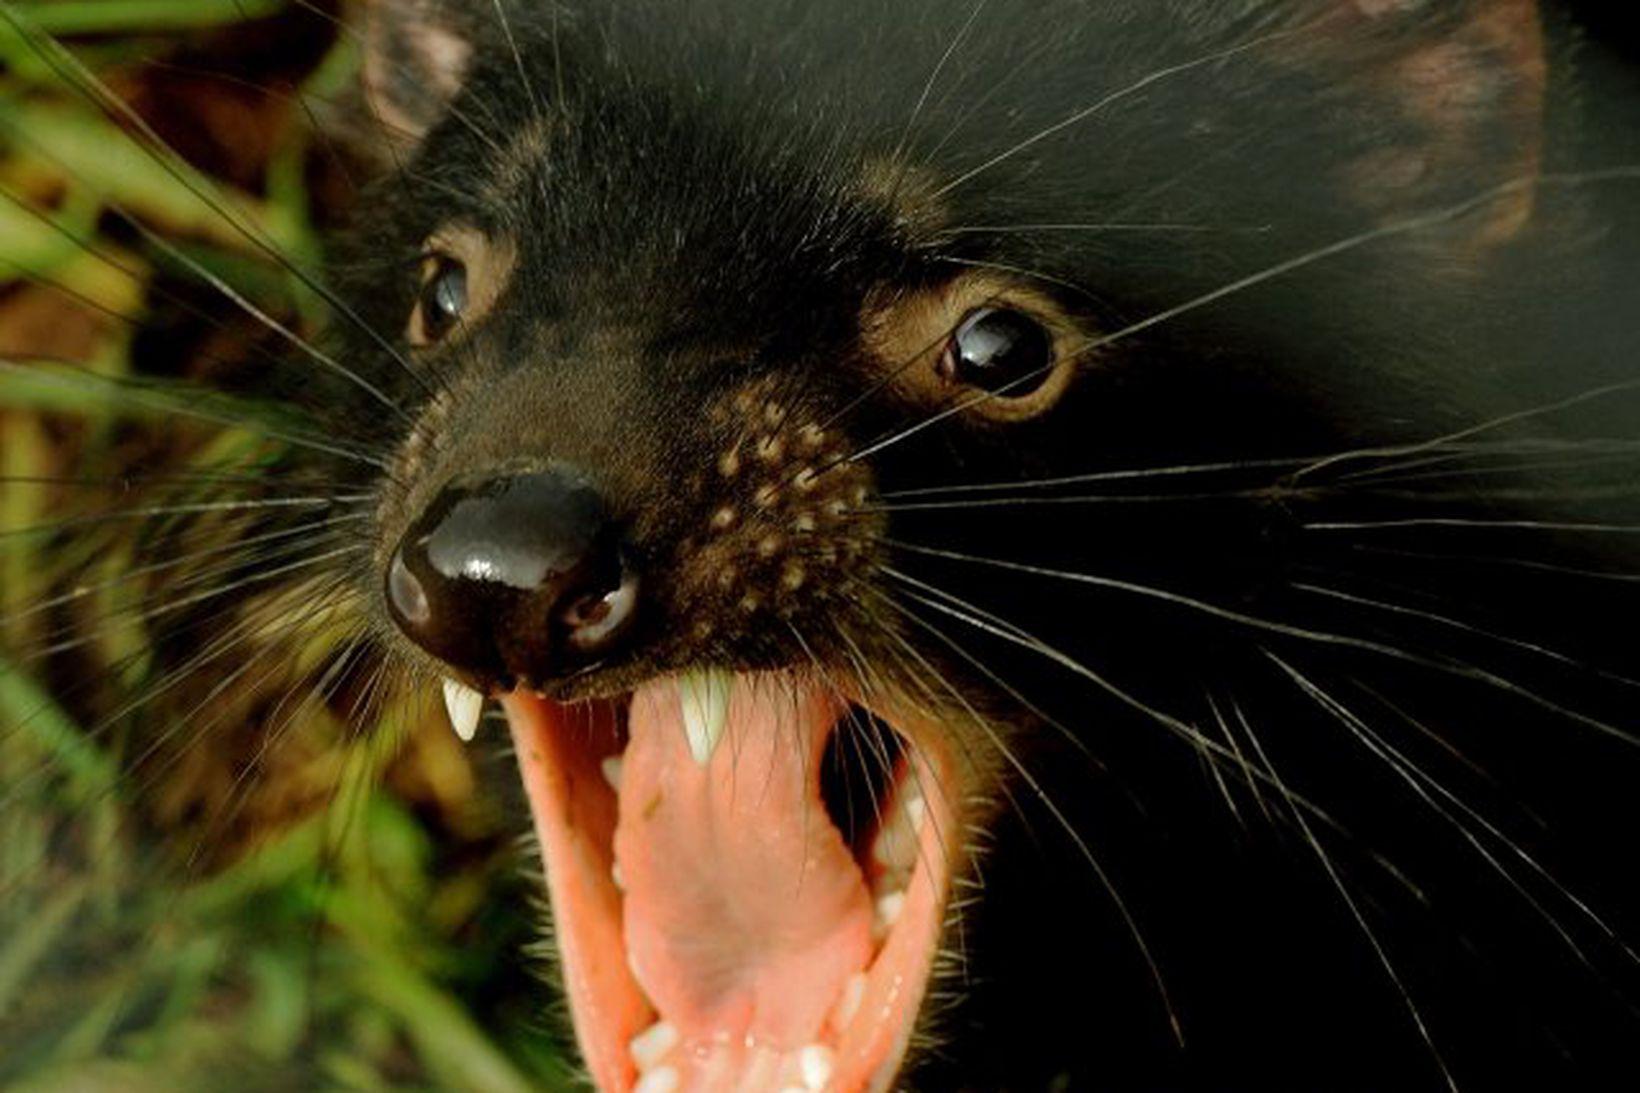 Á þessari mynd má sjá tasmaníudjöful. Ekki má rugla honum …